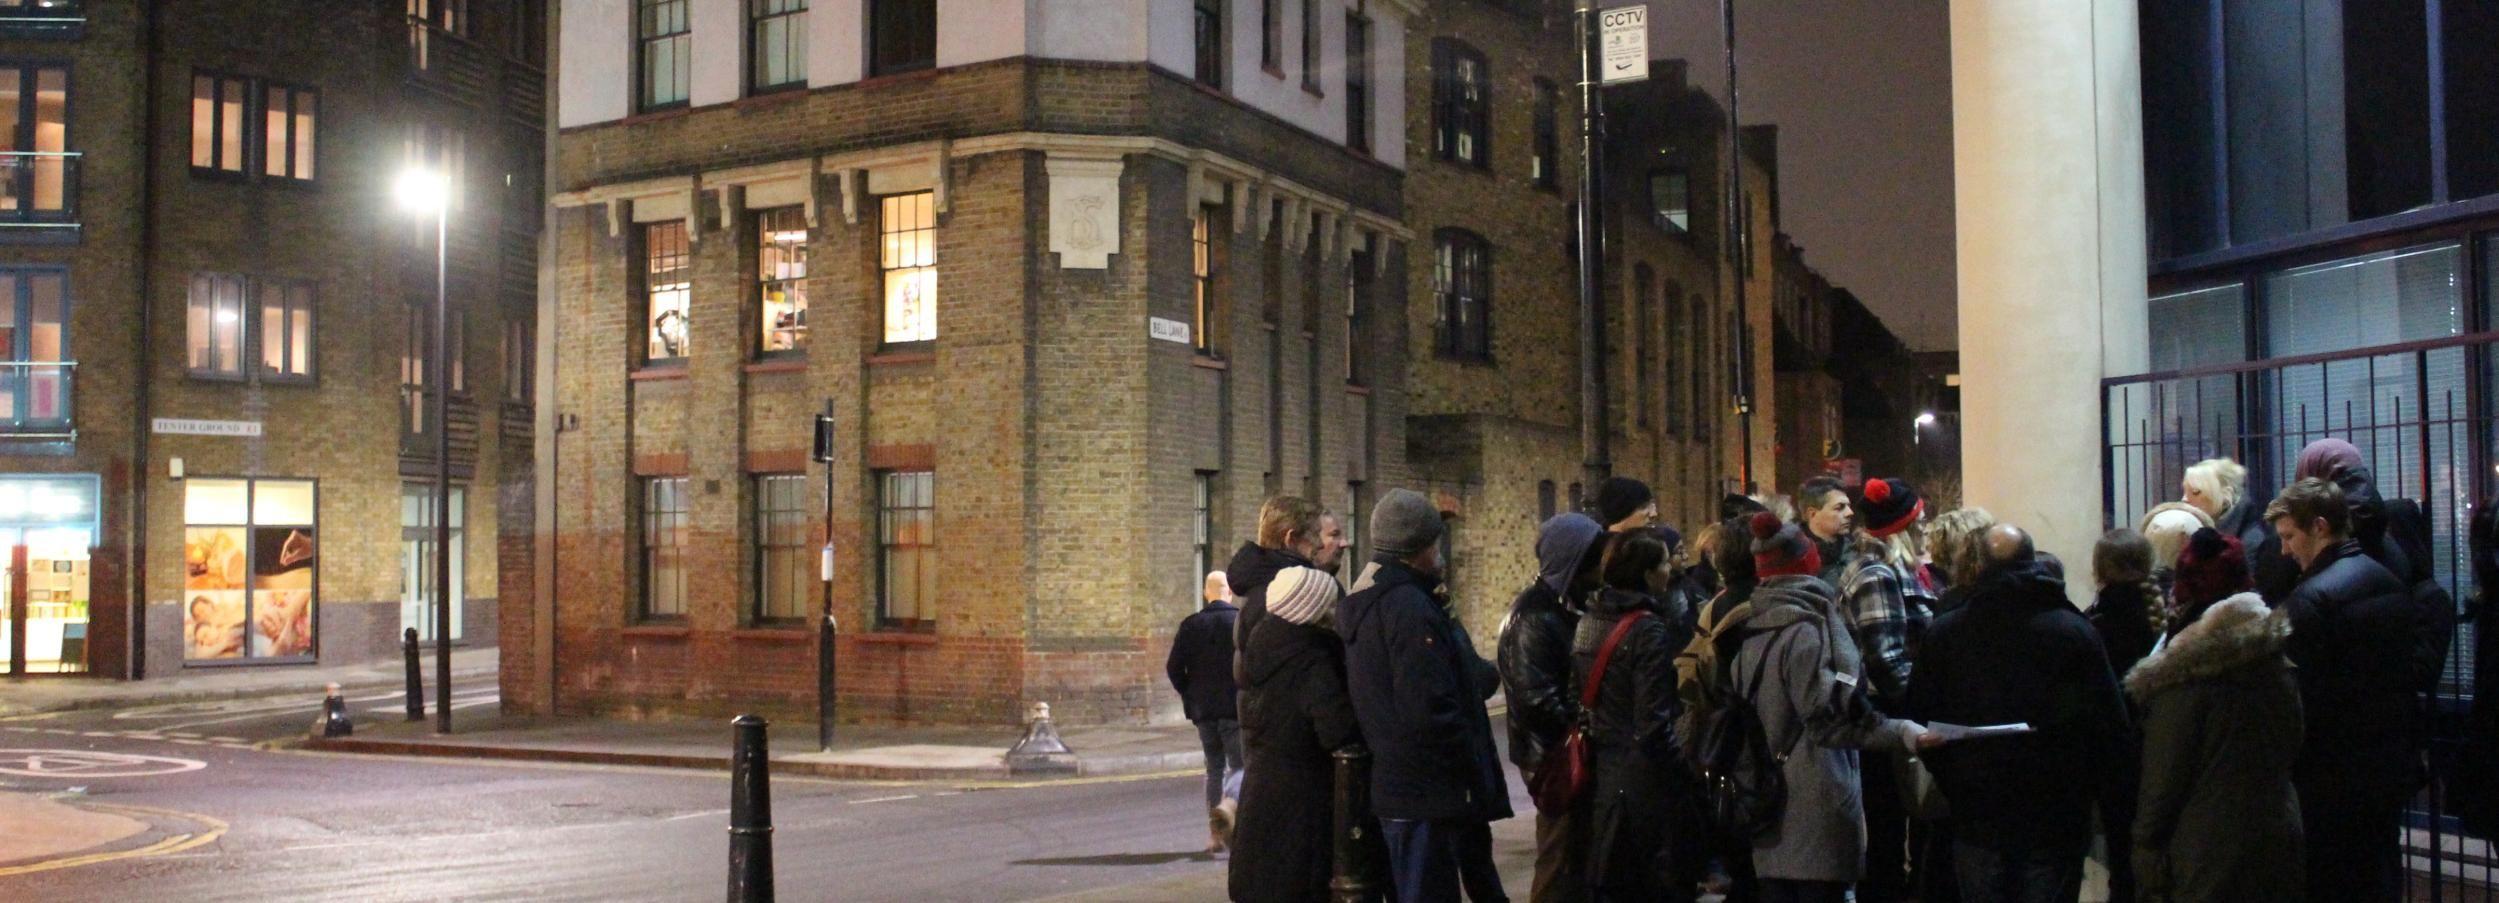 Londres: visite à pied sur les traces de Jack l'Éventreur